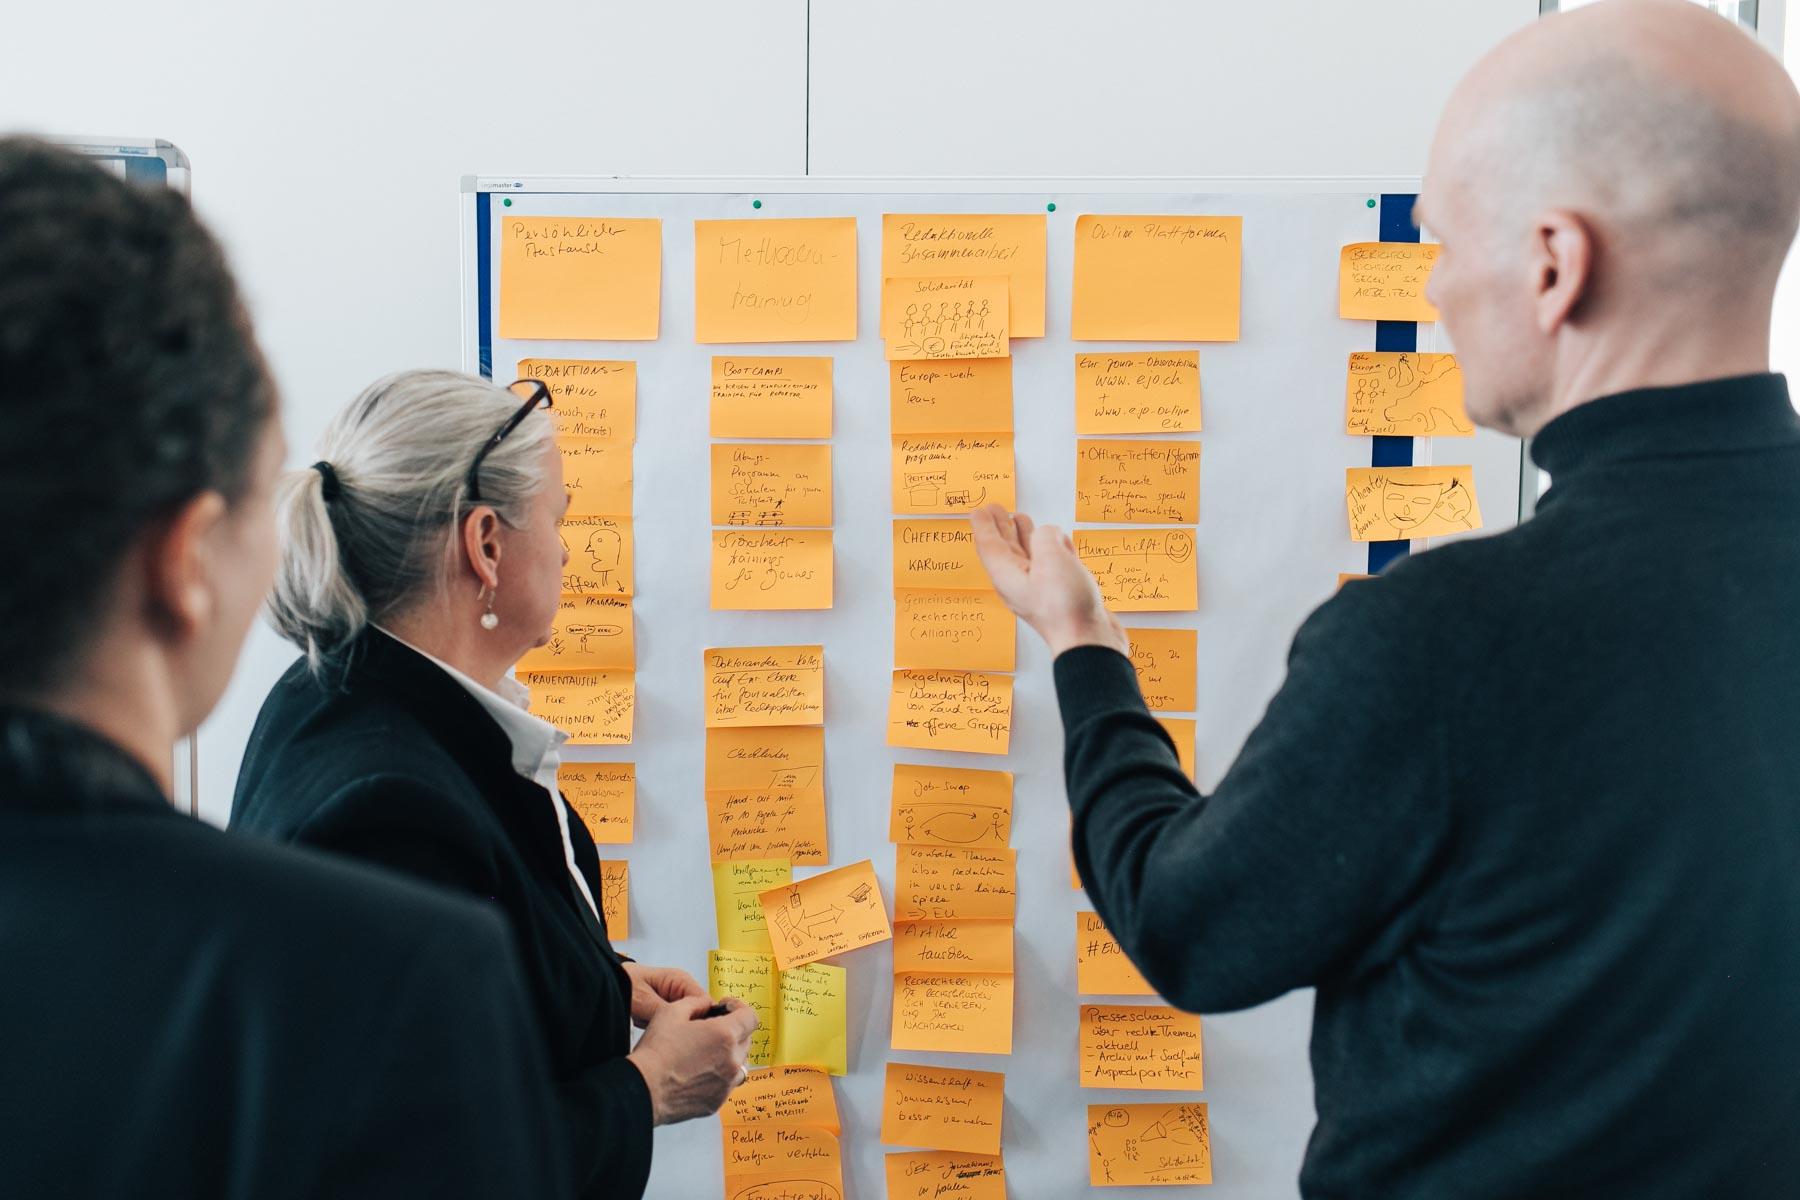 Drei Teilnehmer*innen stehen vor einer Moderationswand und diskutieren über die dort befestigten Post-Its mit Ideen.